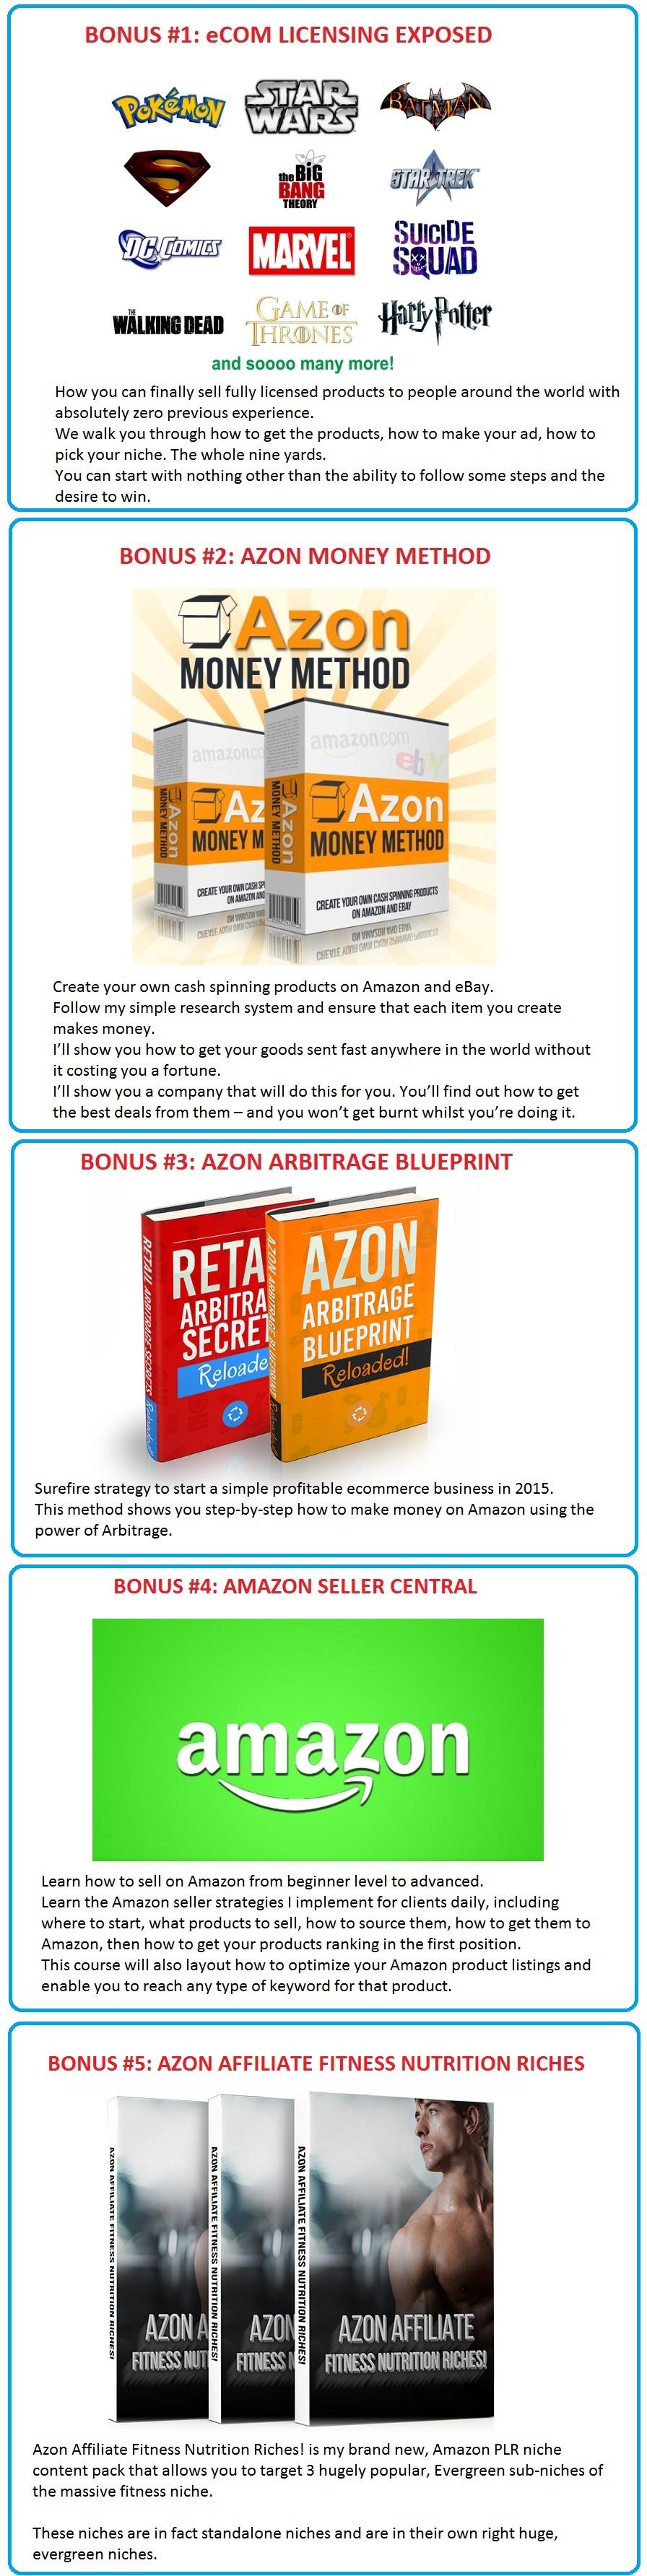 instantazon-bonus-1